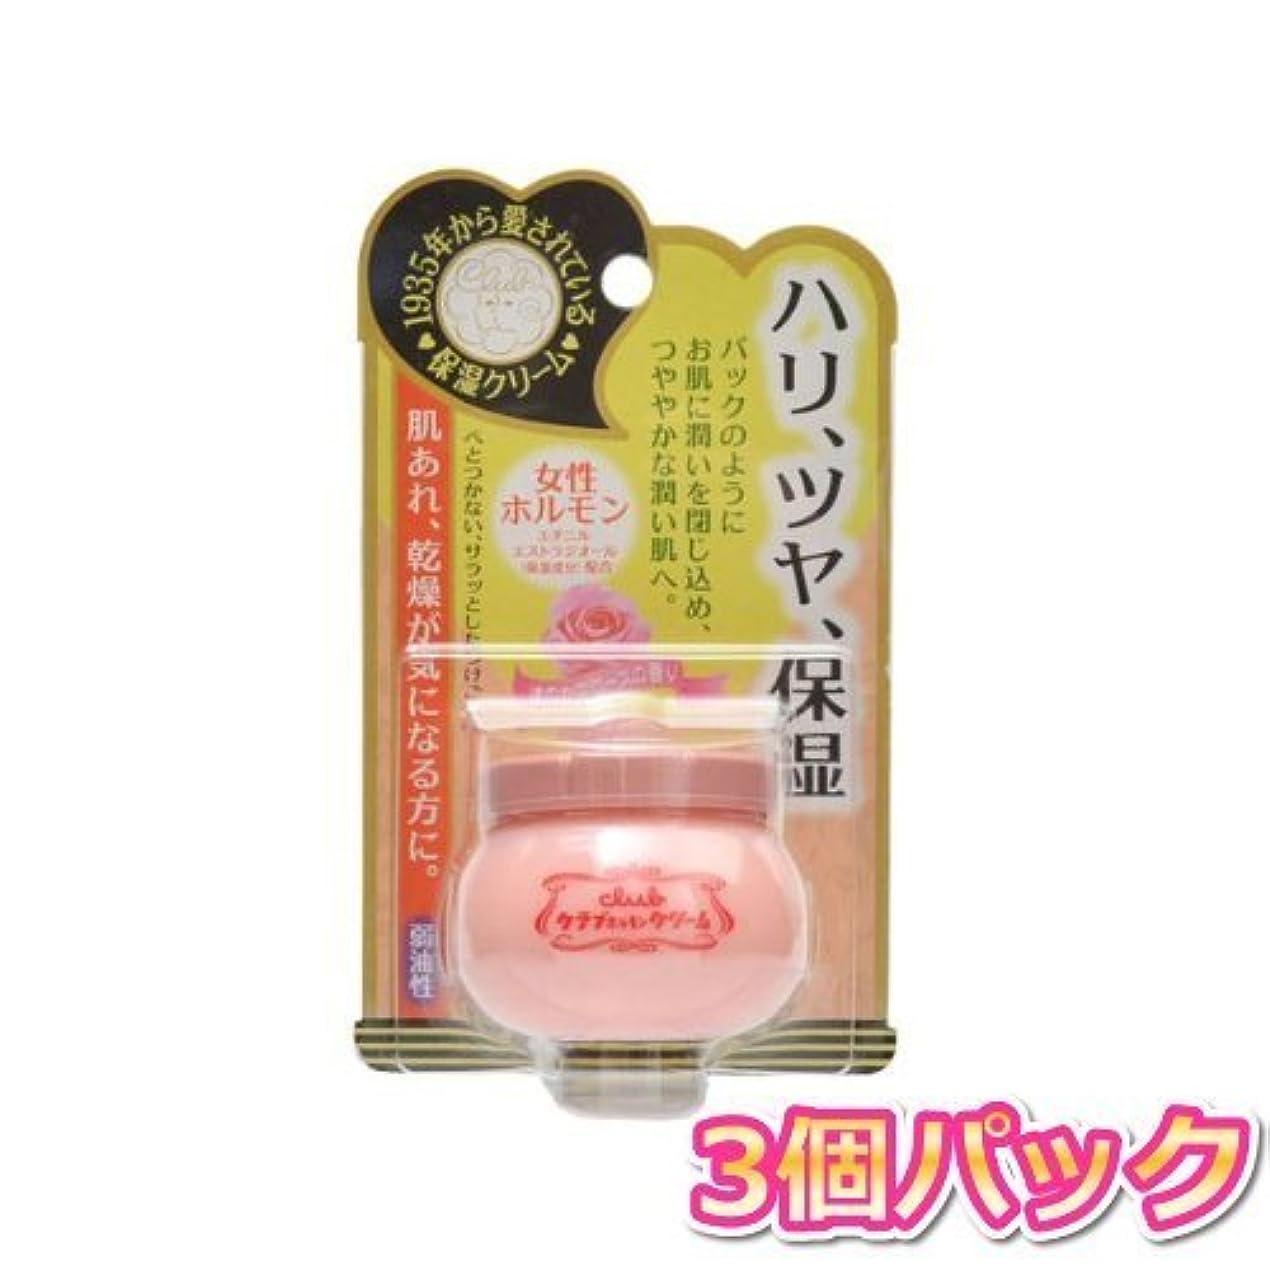 エンターテインメント眉遠足クラブ ホルモンクリーム (微香性) 60g ローズの香り 3個パック